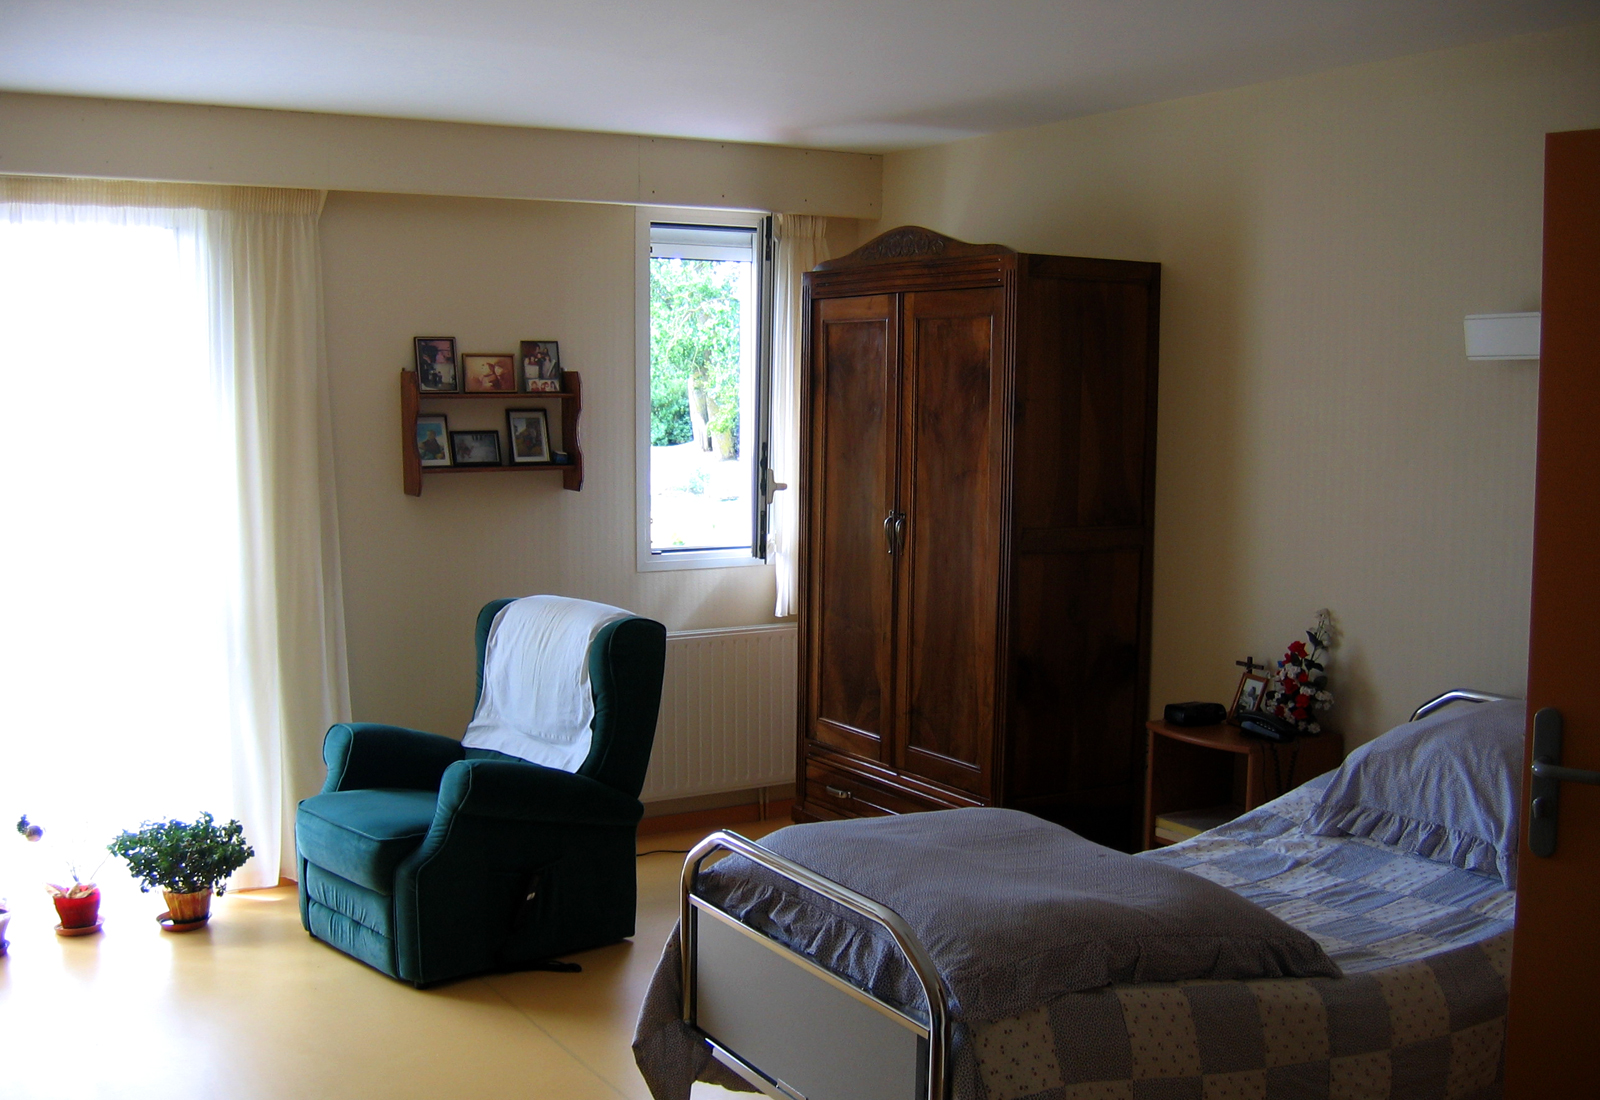 Situation et quipement des chambres maison de retraite for 2 chambres communicantes